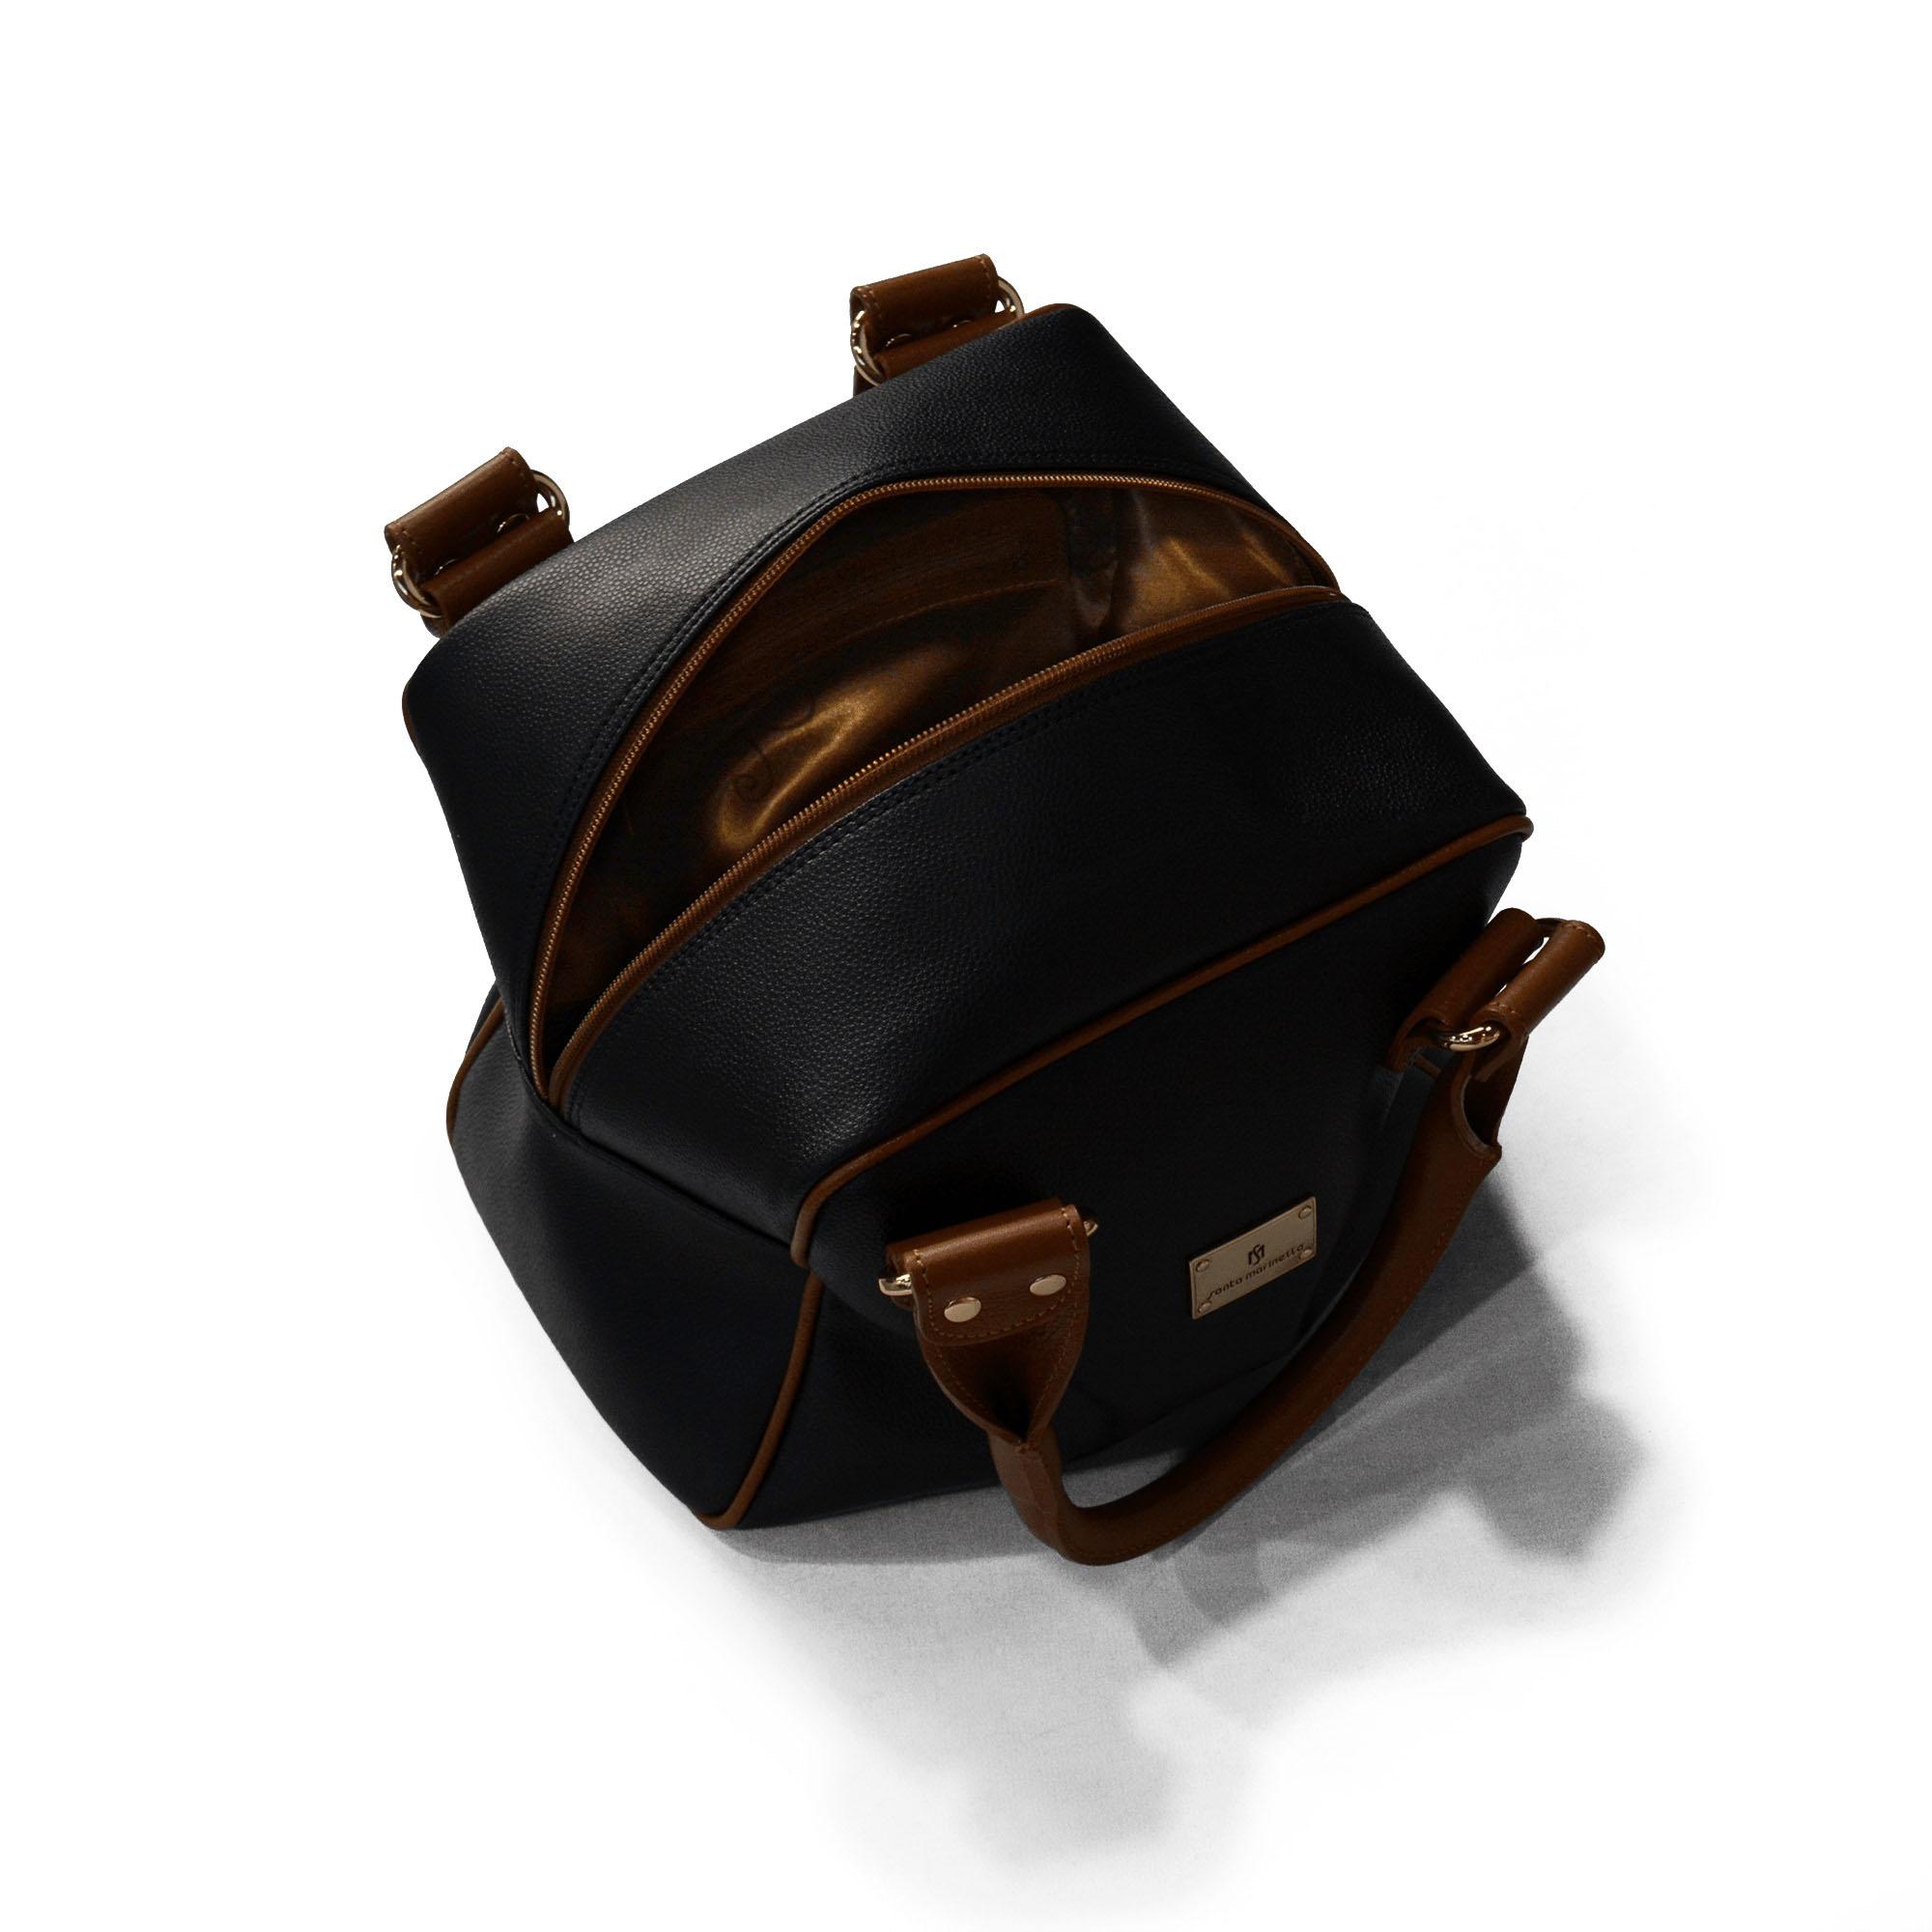 Bolsa de Mão SM 2289 - M.Liz Couro